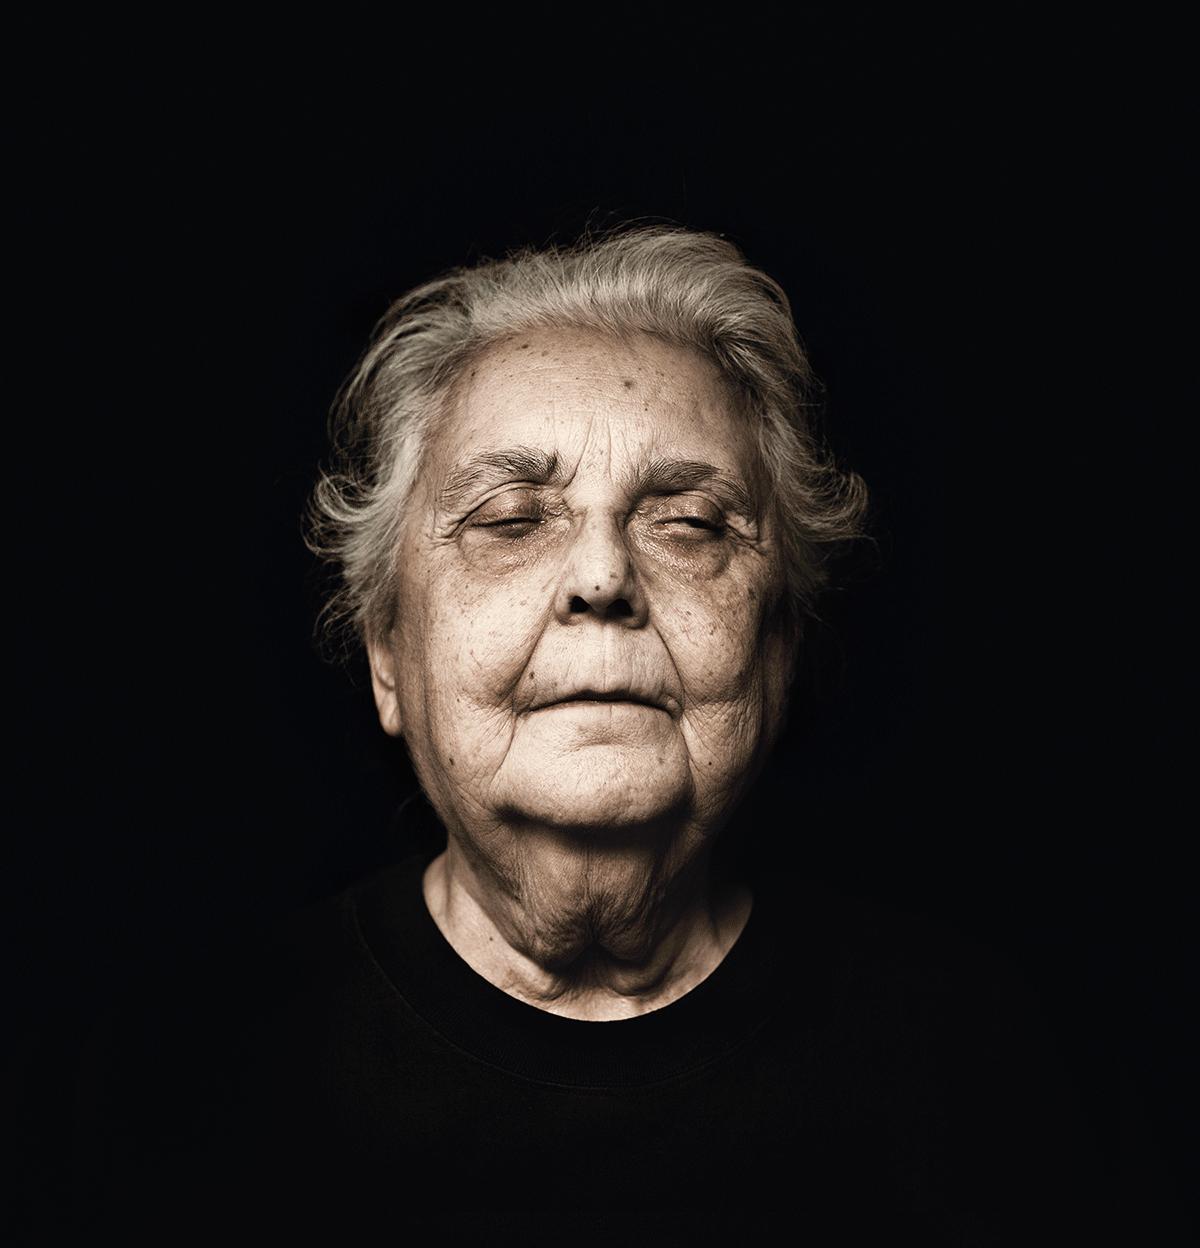 isabel-kronenberger-unknown-identity-05